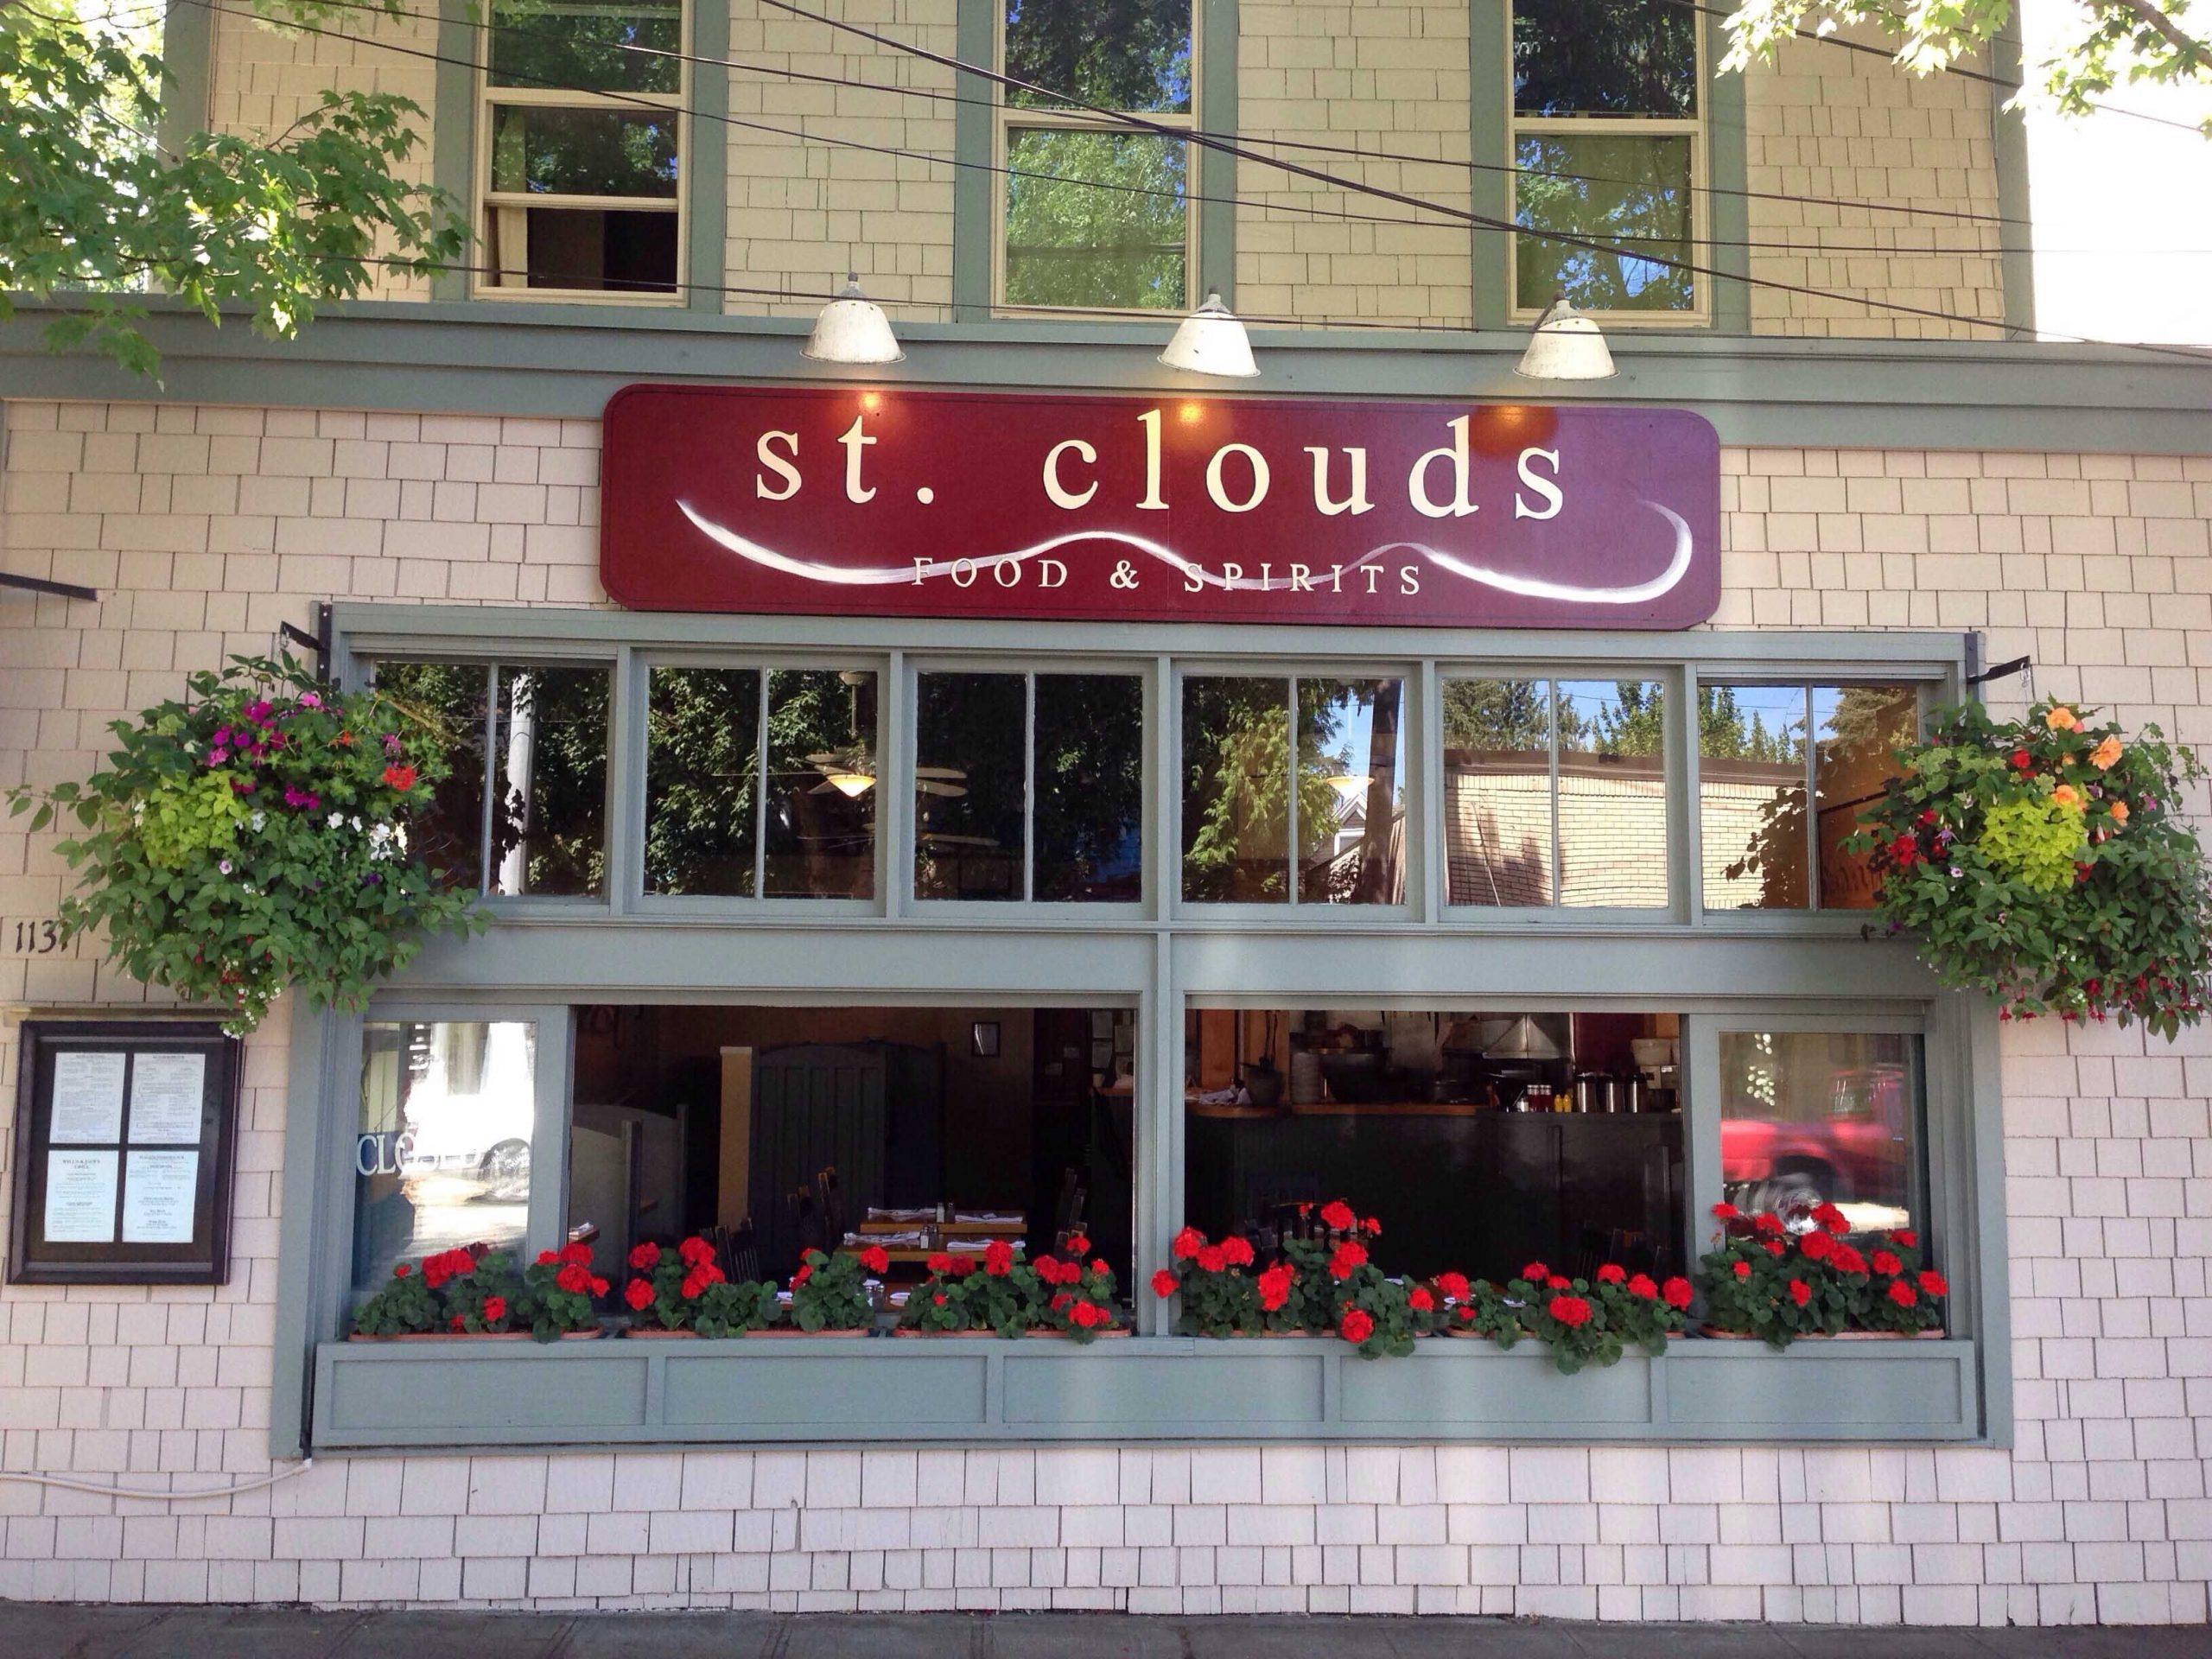 4 Keseruan Berkunjung Ke Restoran St.clouds Di Jalan 34th Avenue Seattle, WA, USA